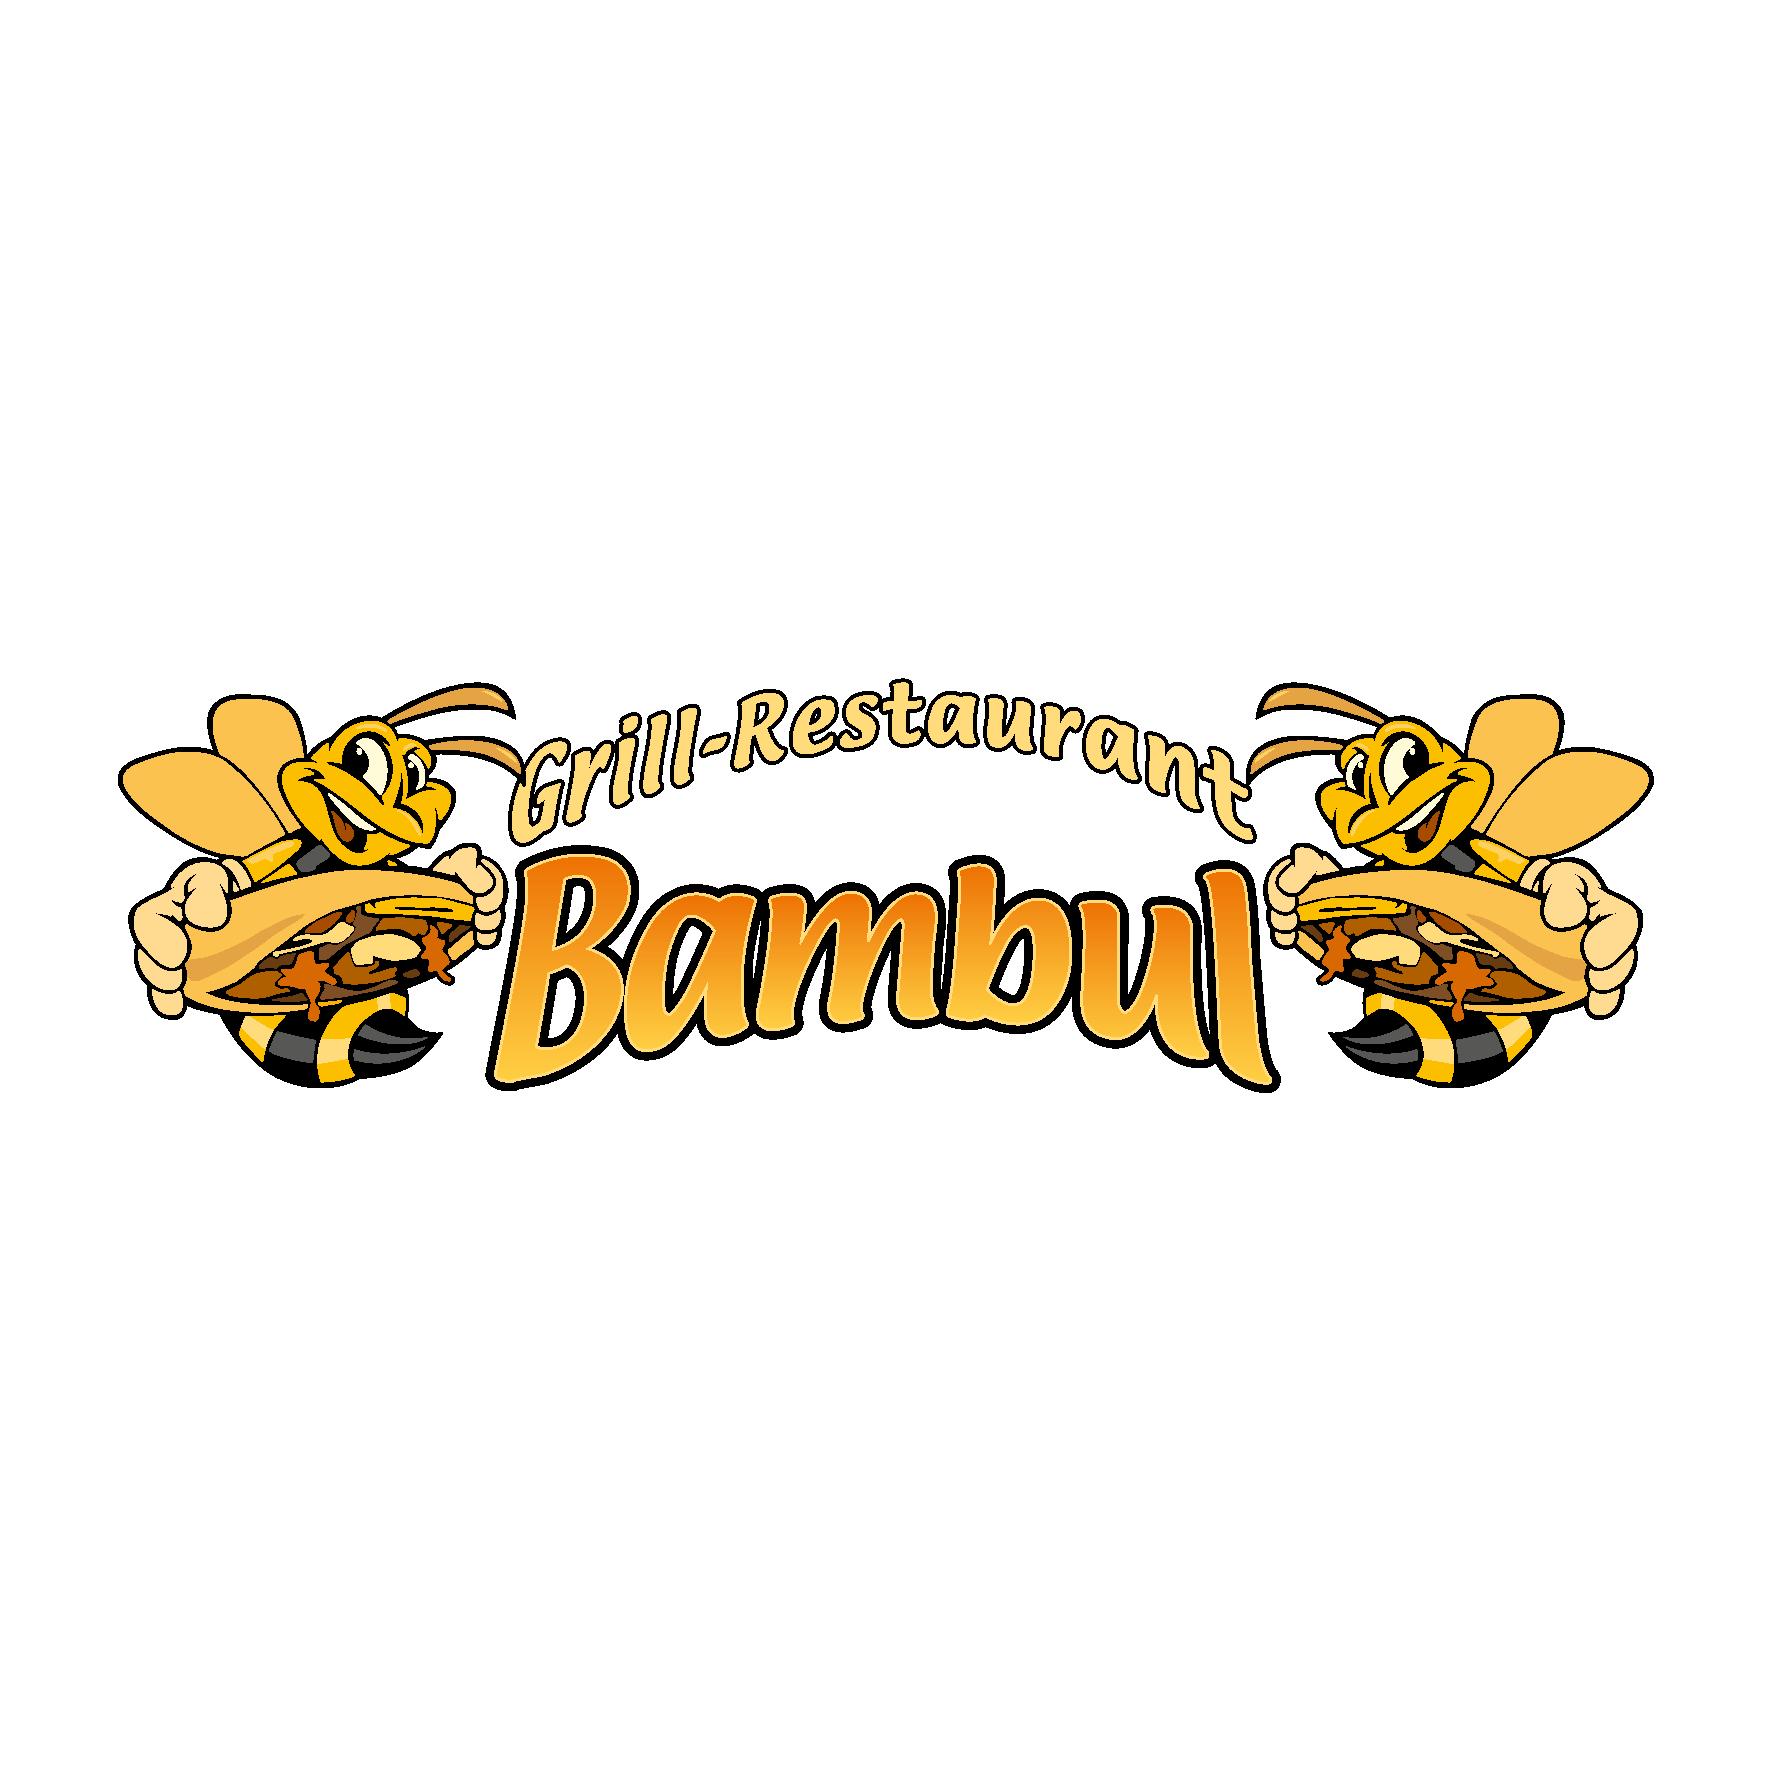 Bambul